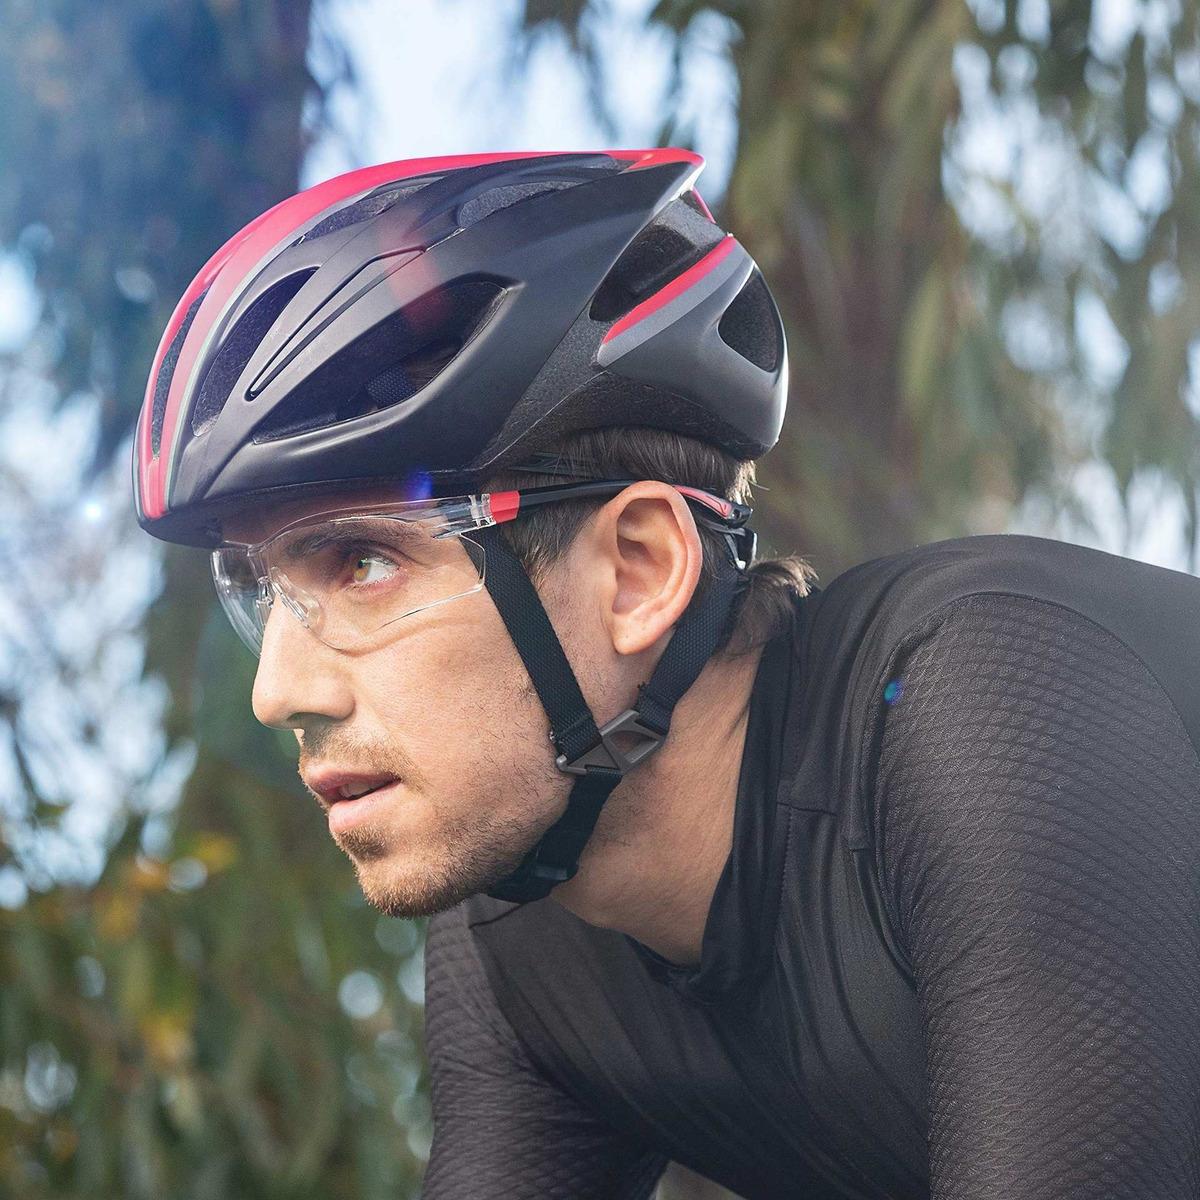 Gafas De Seguridad Nocry Con Lentes Transparentes Antivaho R